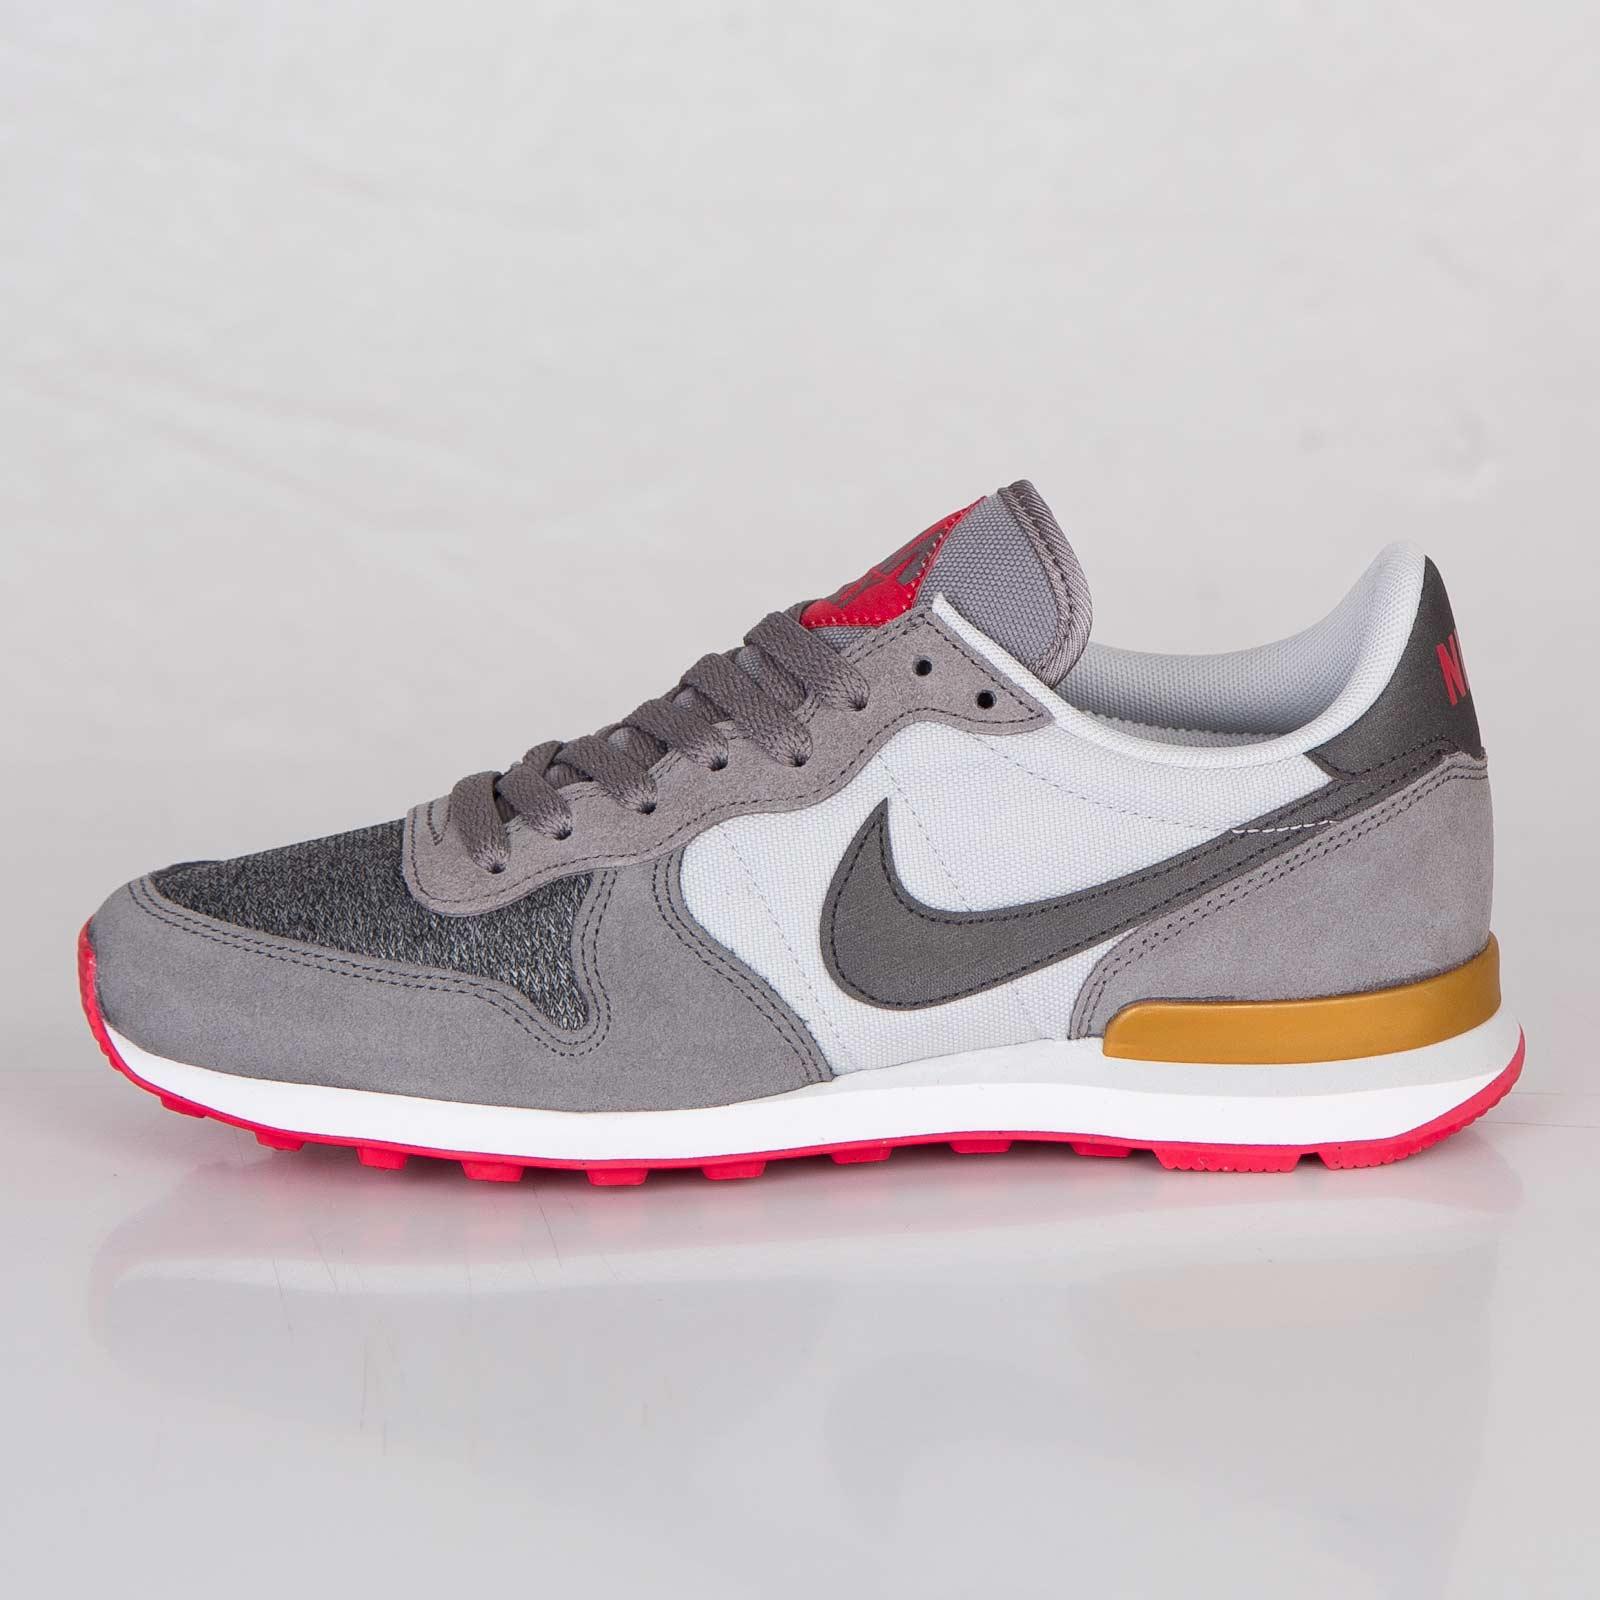 first rate 524e9 78216 Nike Internationalist City QS - 669516-200 - Sneakersnstuff   sneakers    streetwear online since 1999